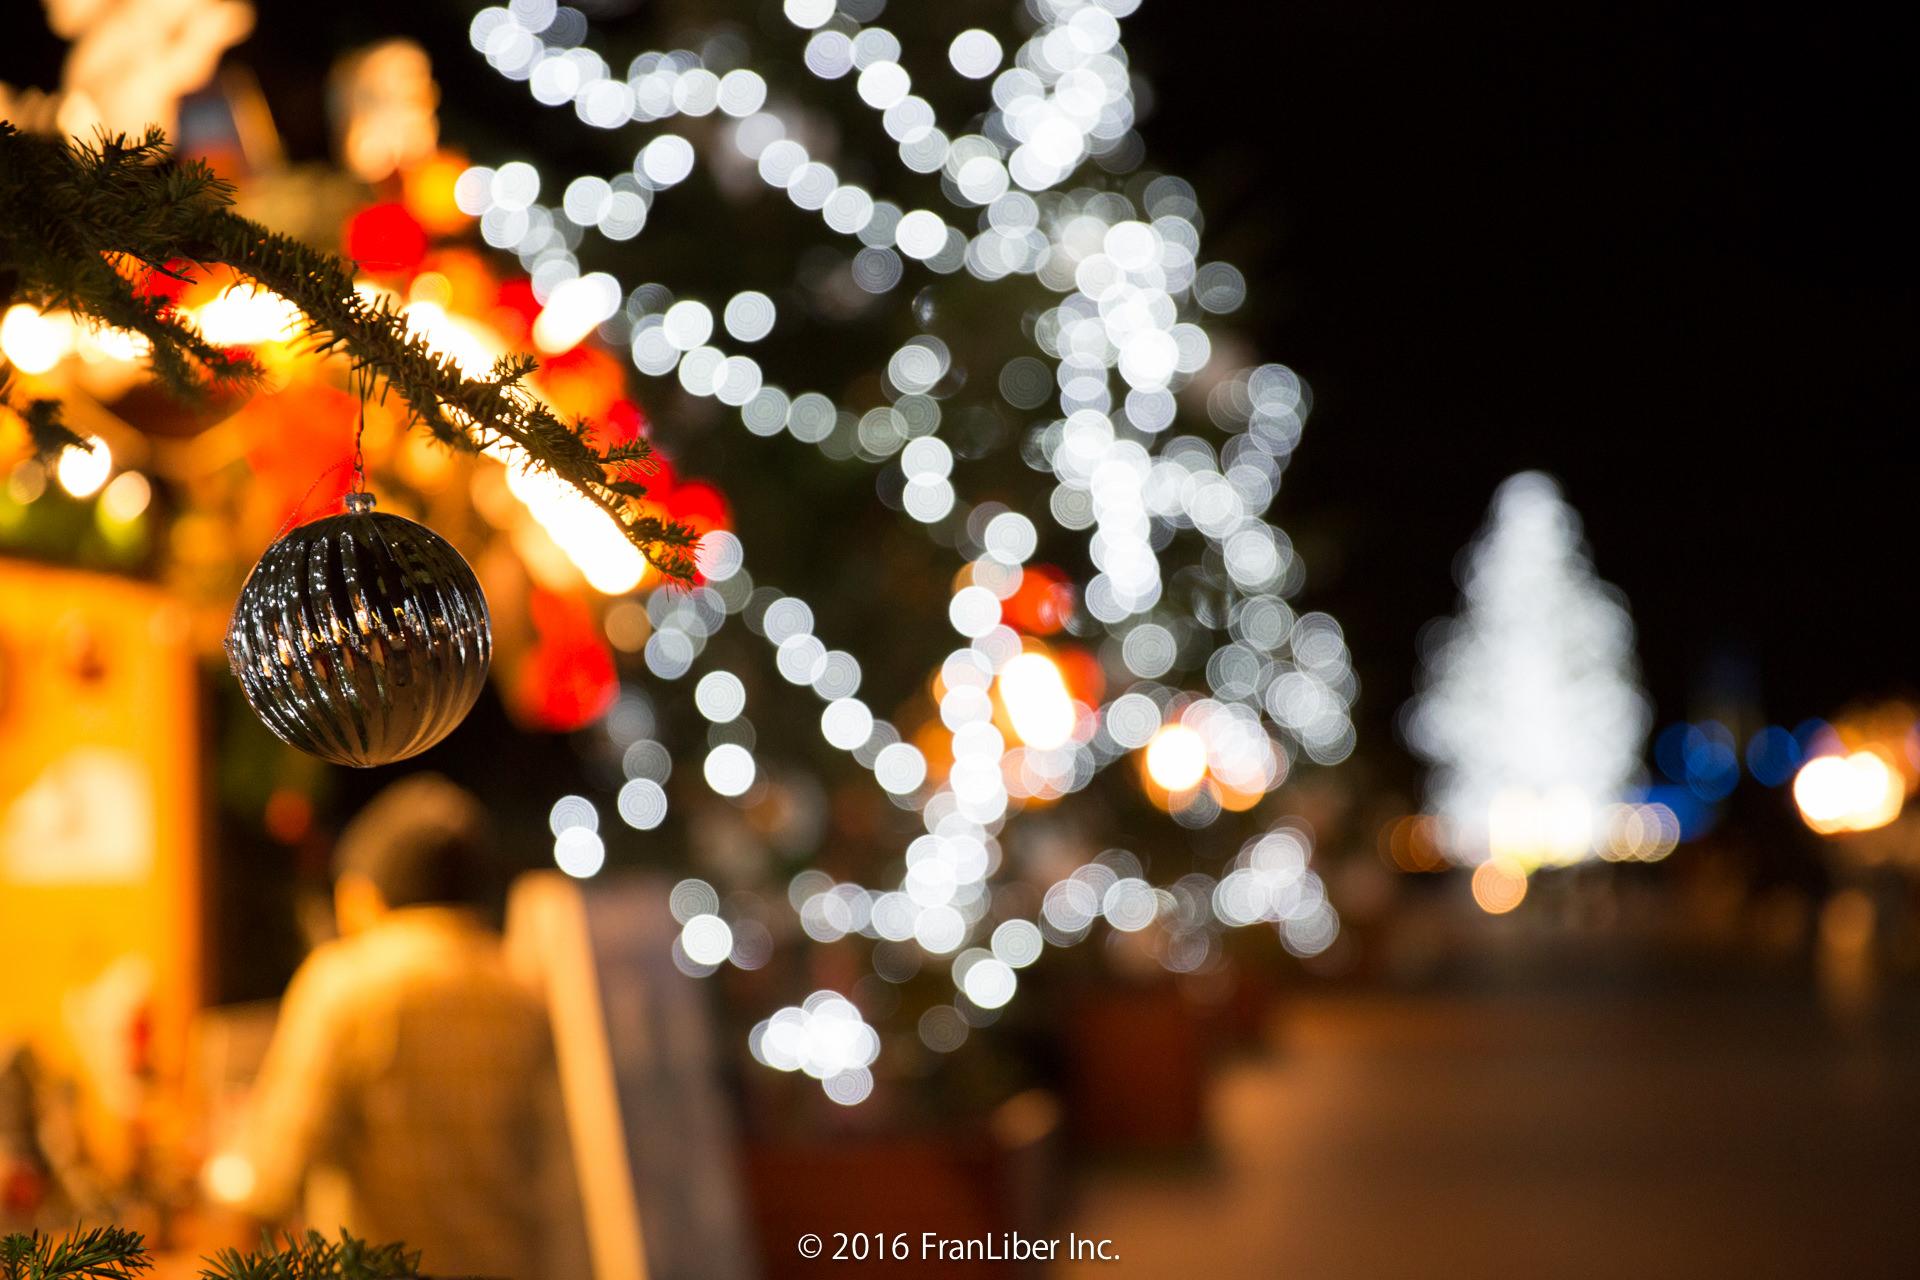 横浜赤レンガ倉庫で開催されるクリスマスマーケットの飾り